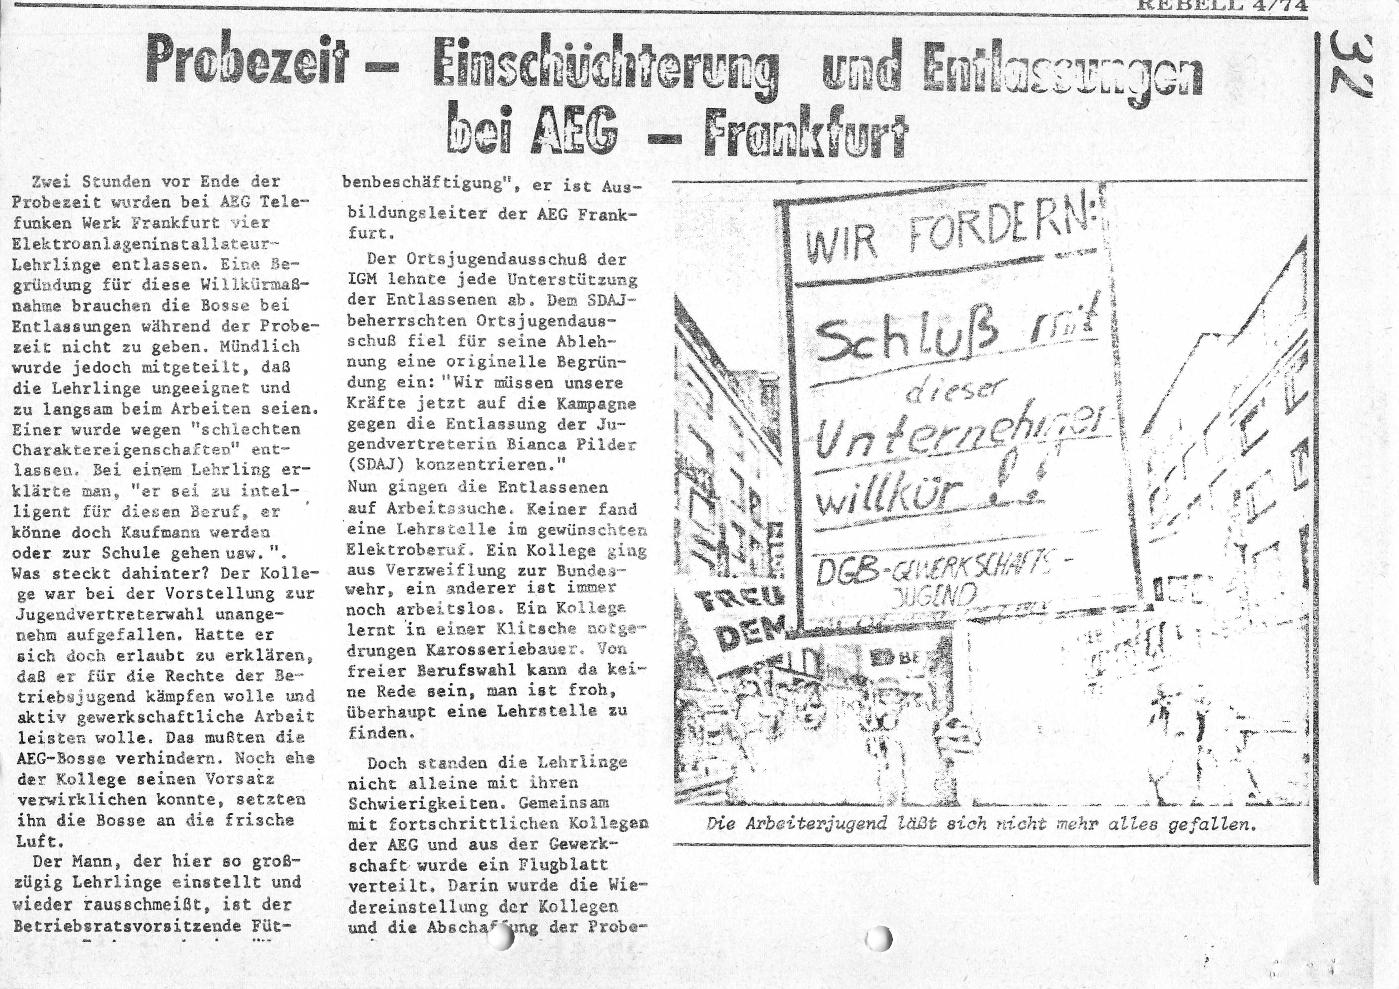 KABRW_Arbeitshefte_1977_25_031